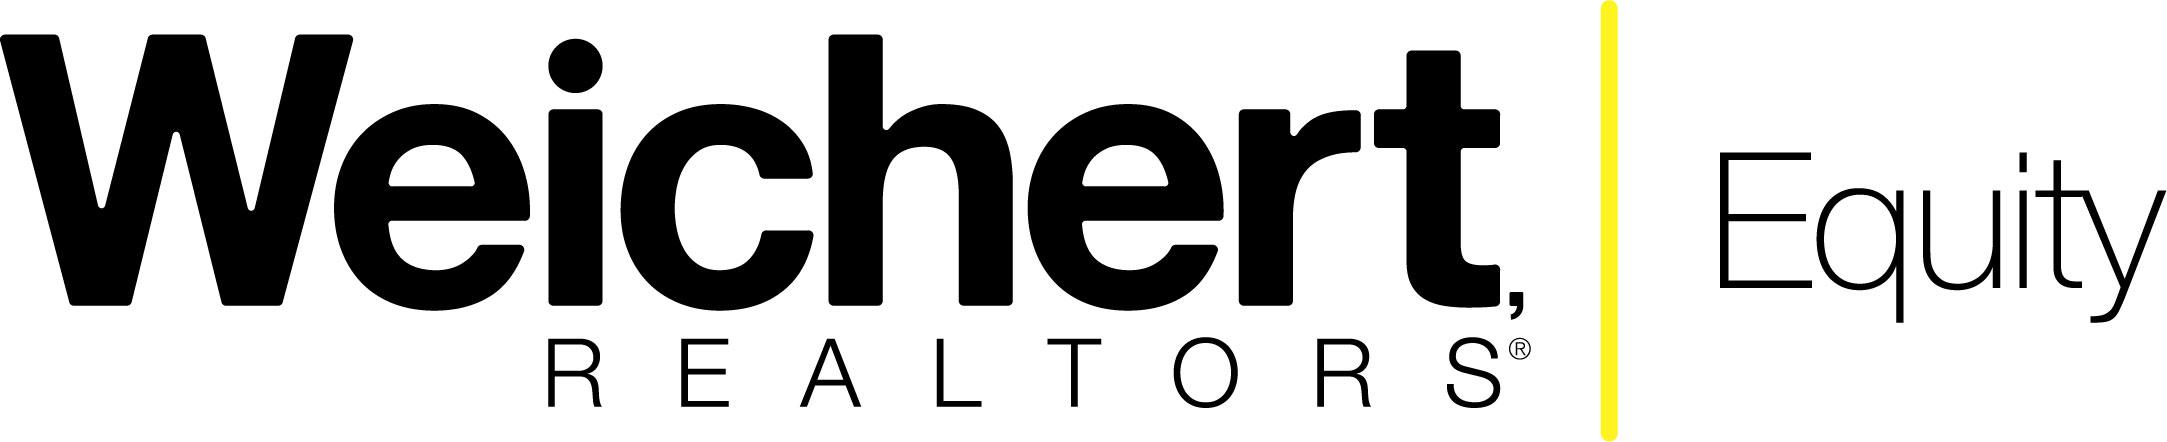 Weichert Realtors - Equity